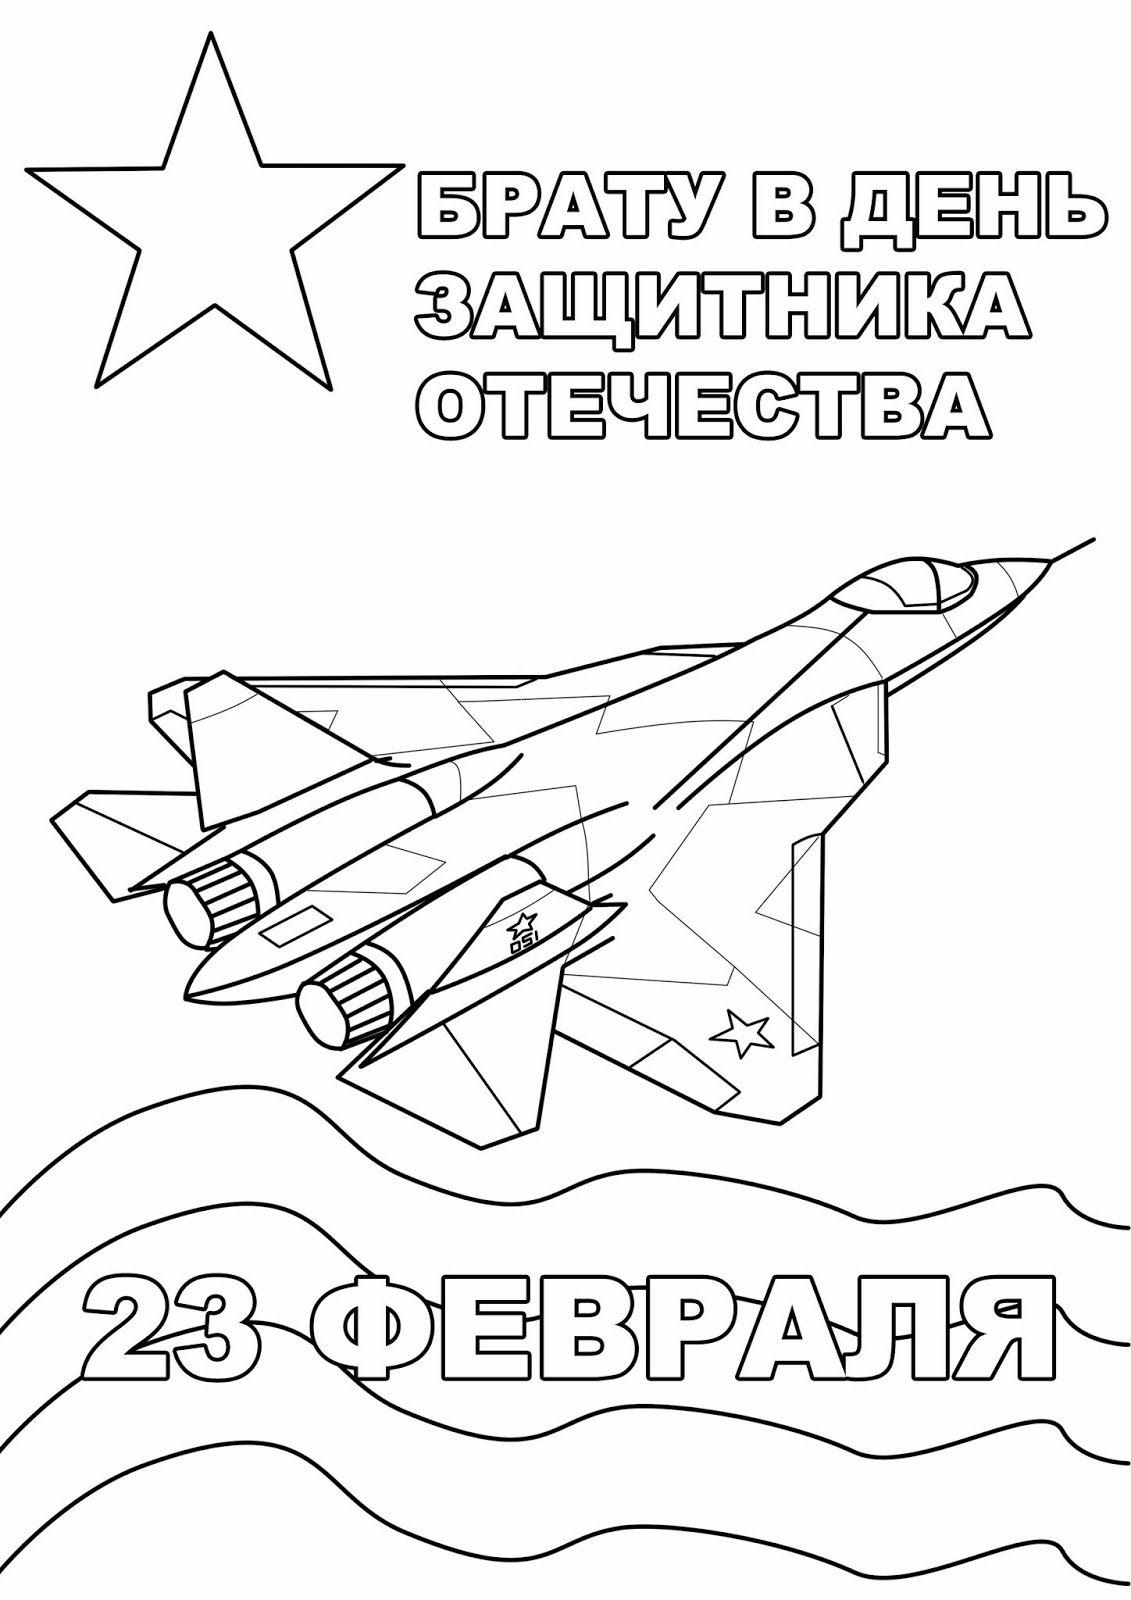 Лес анимация, трафарет открытка к 23 февраля